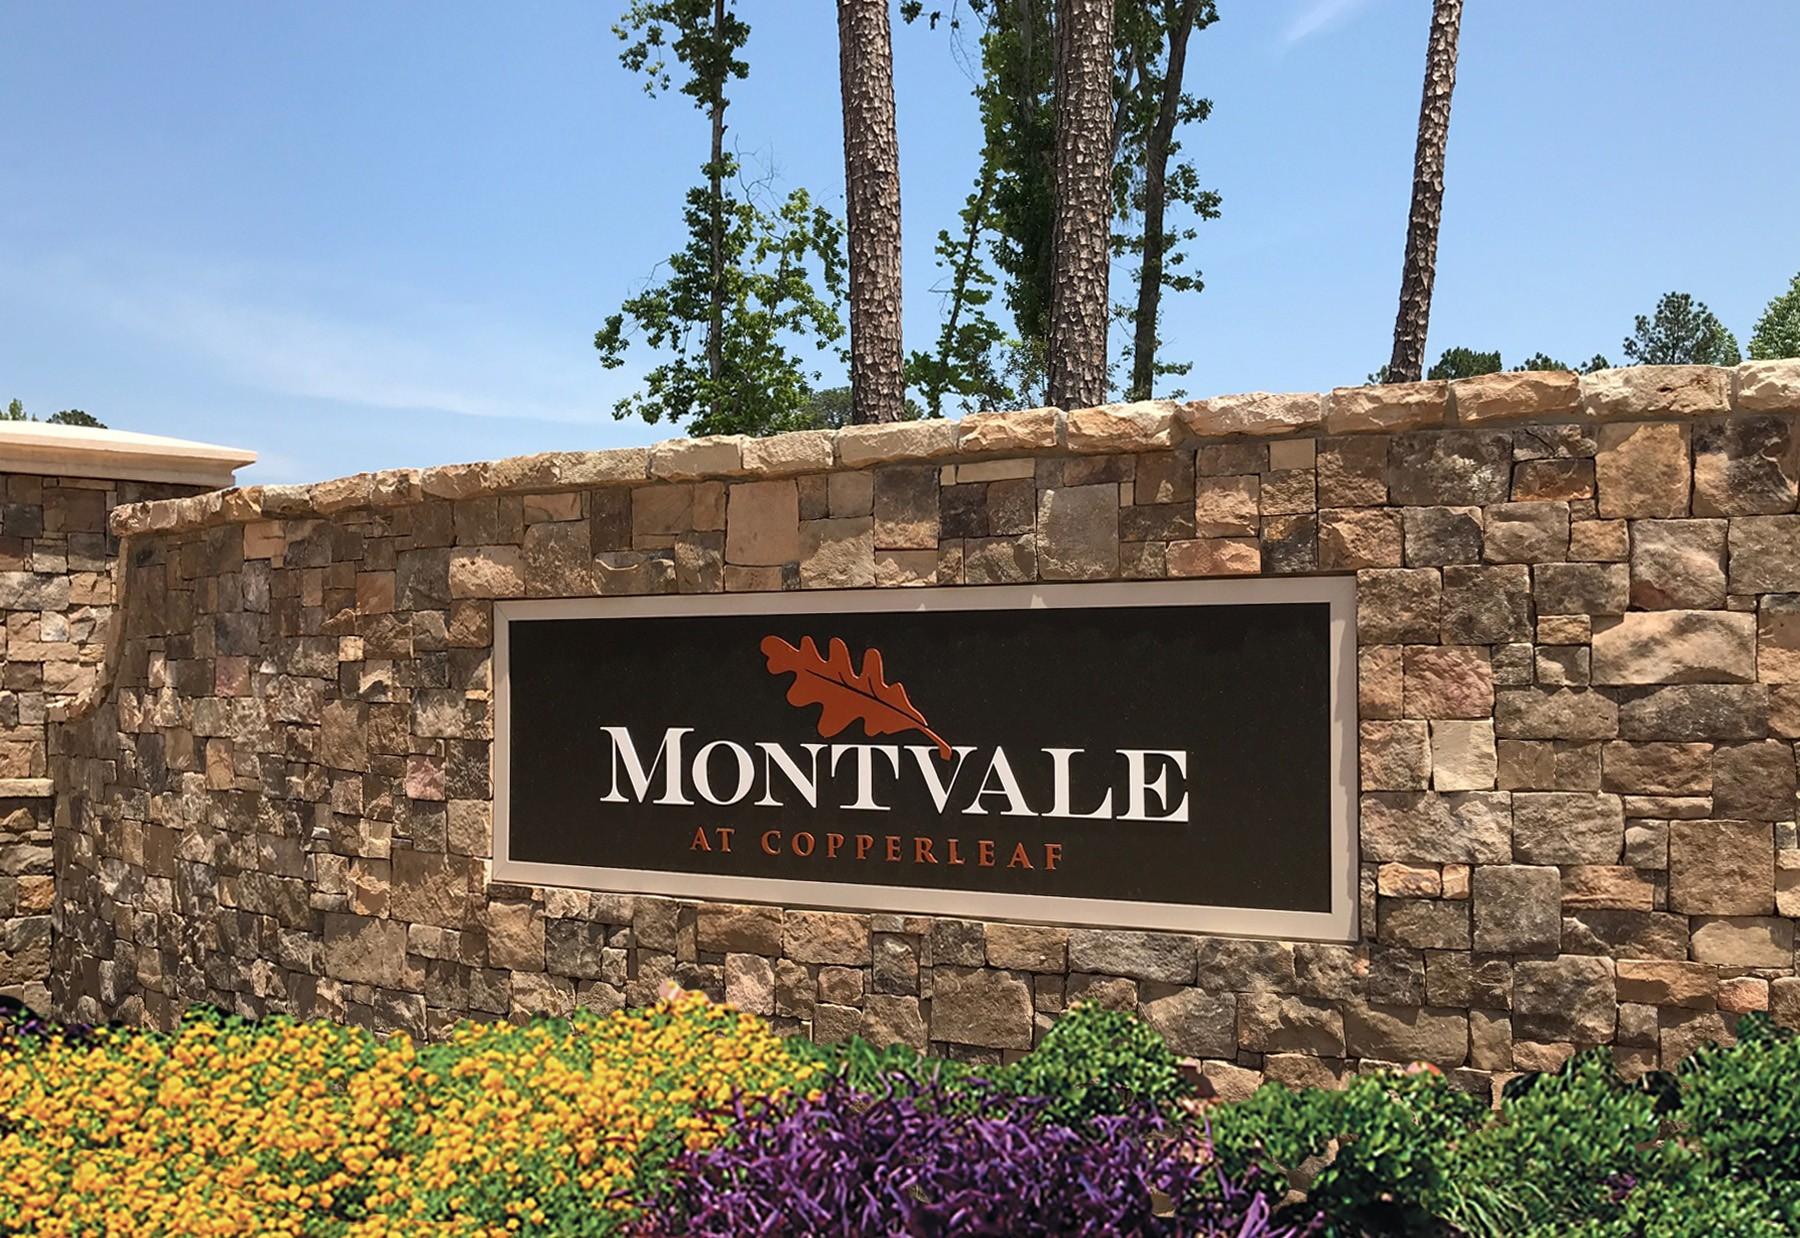 Montvale